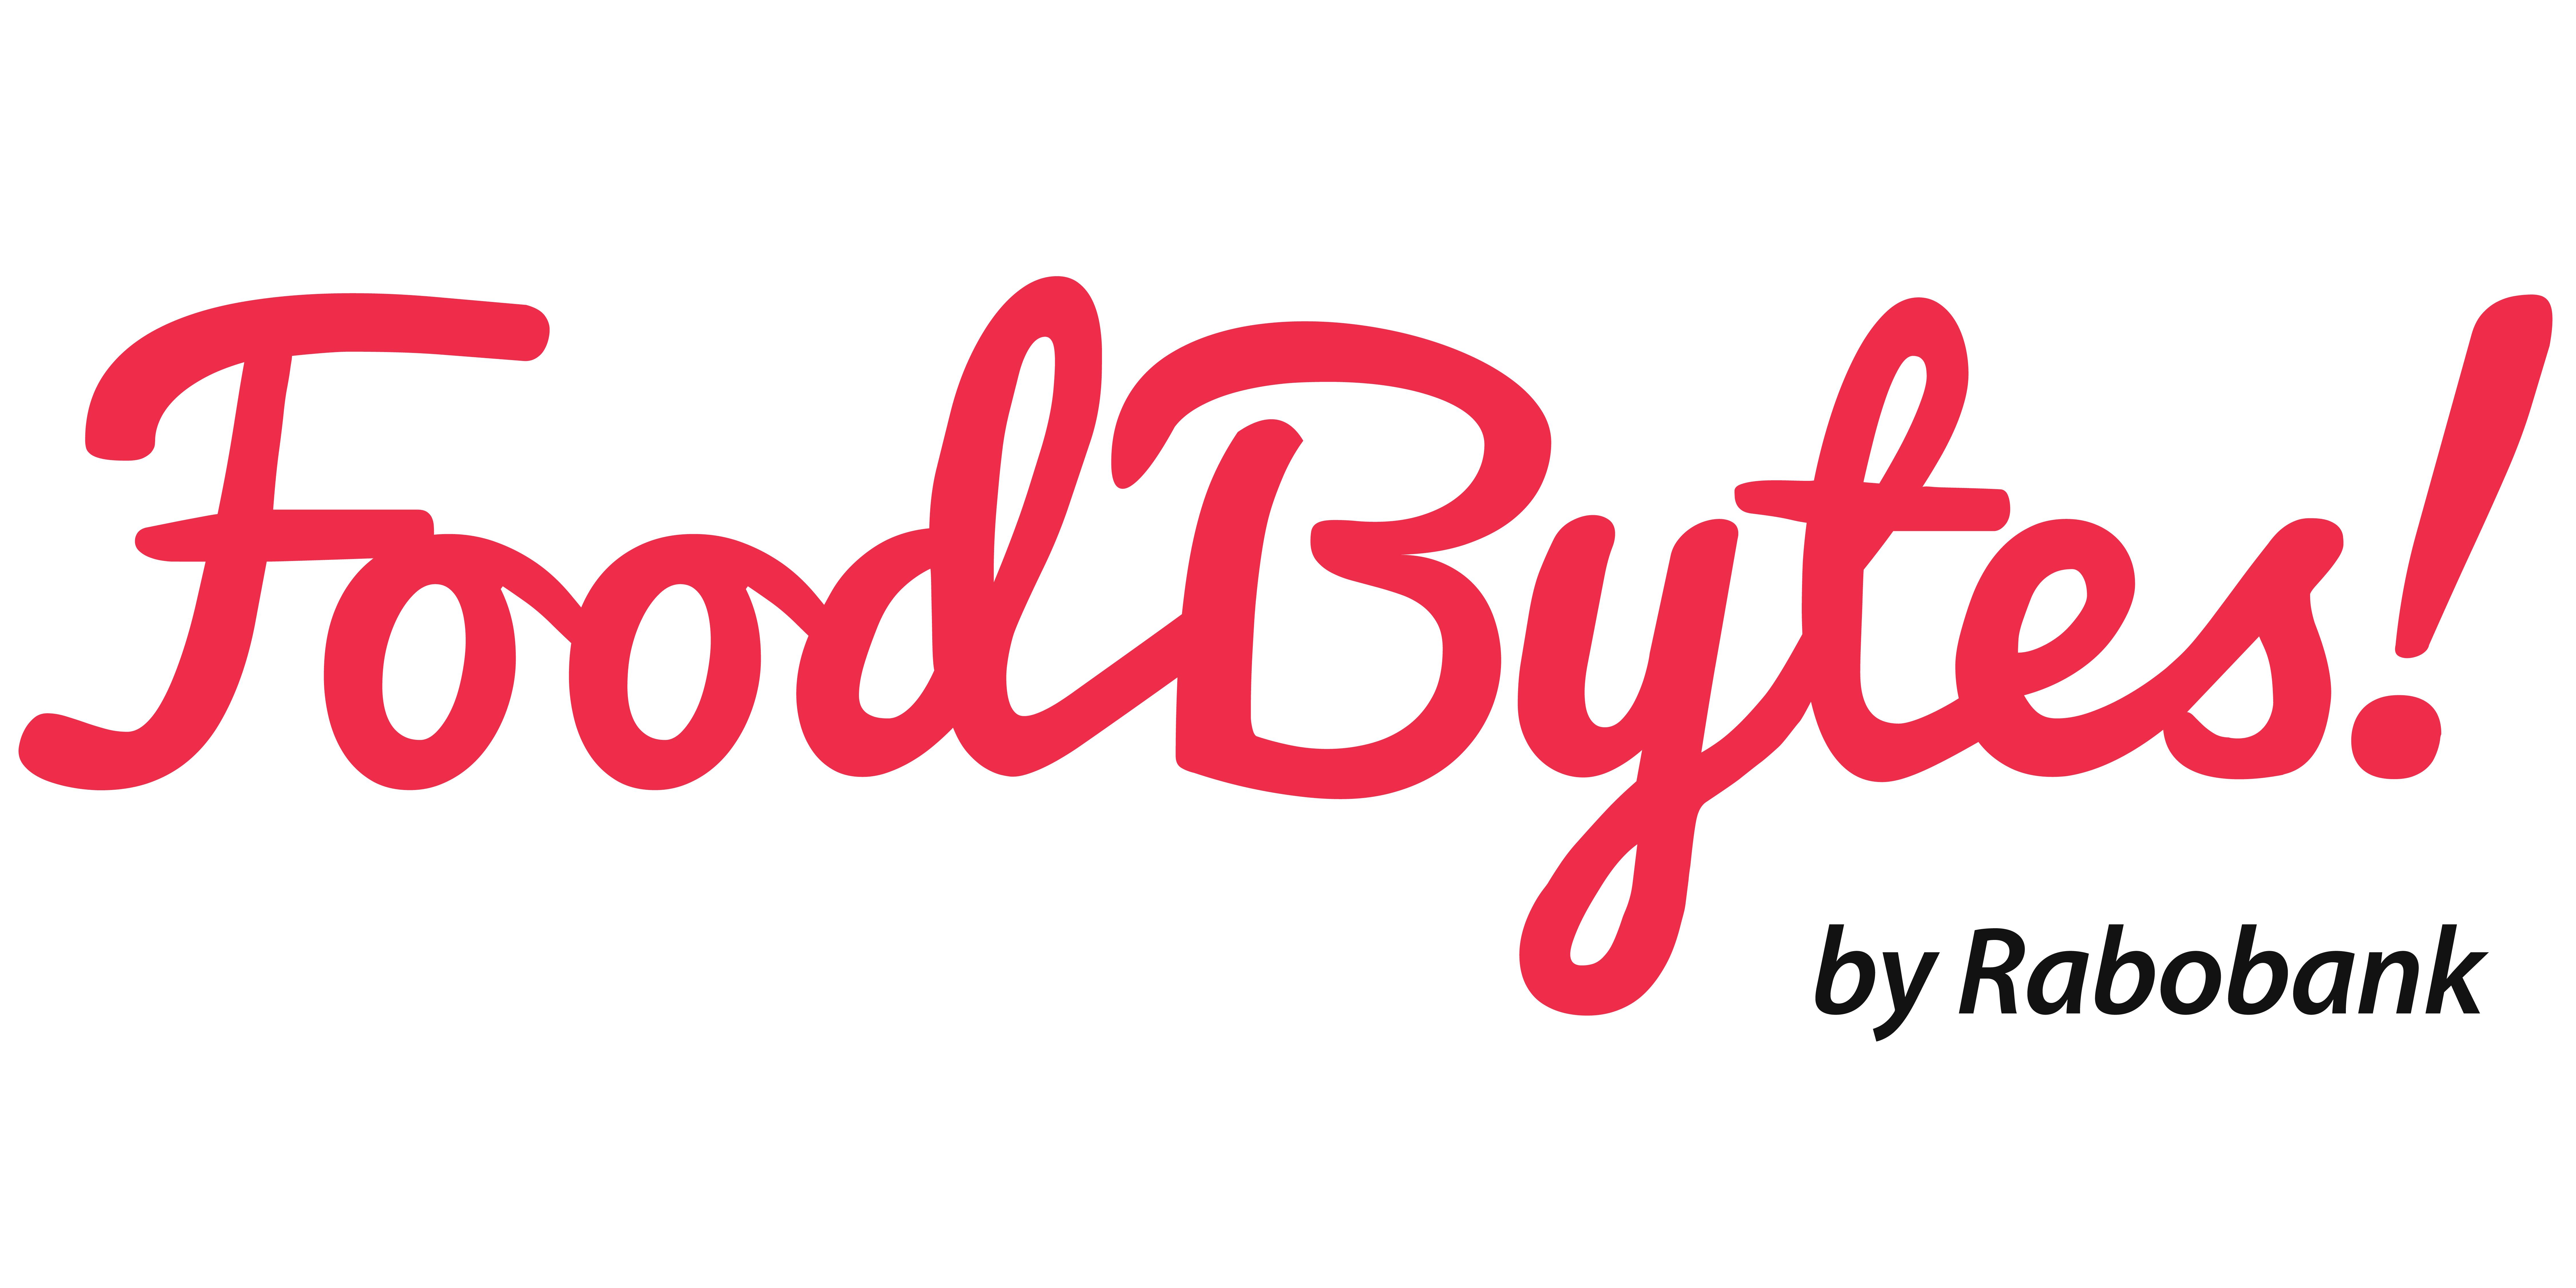 FoodBytes! Boulder